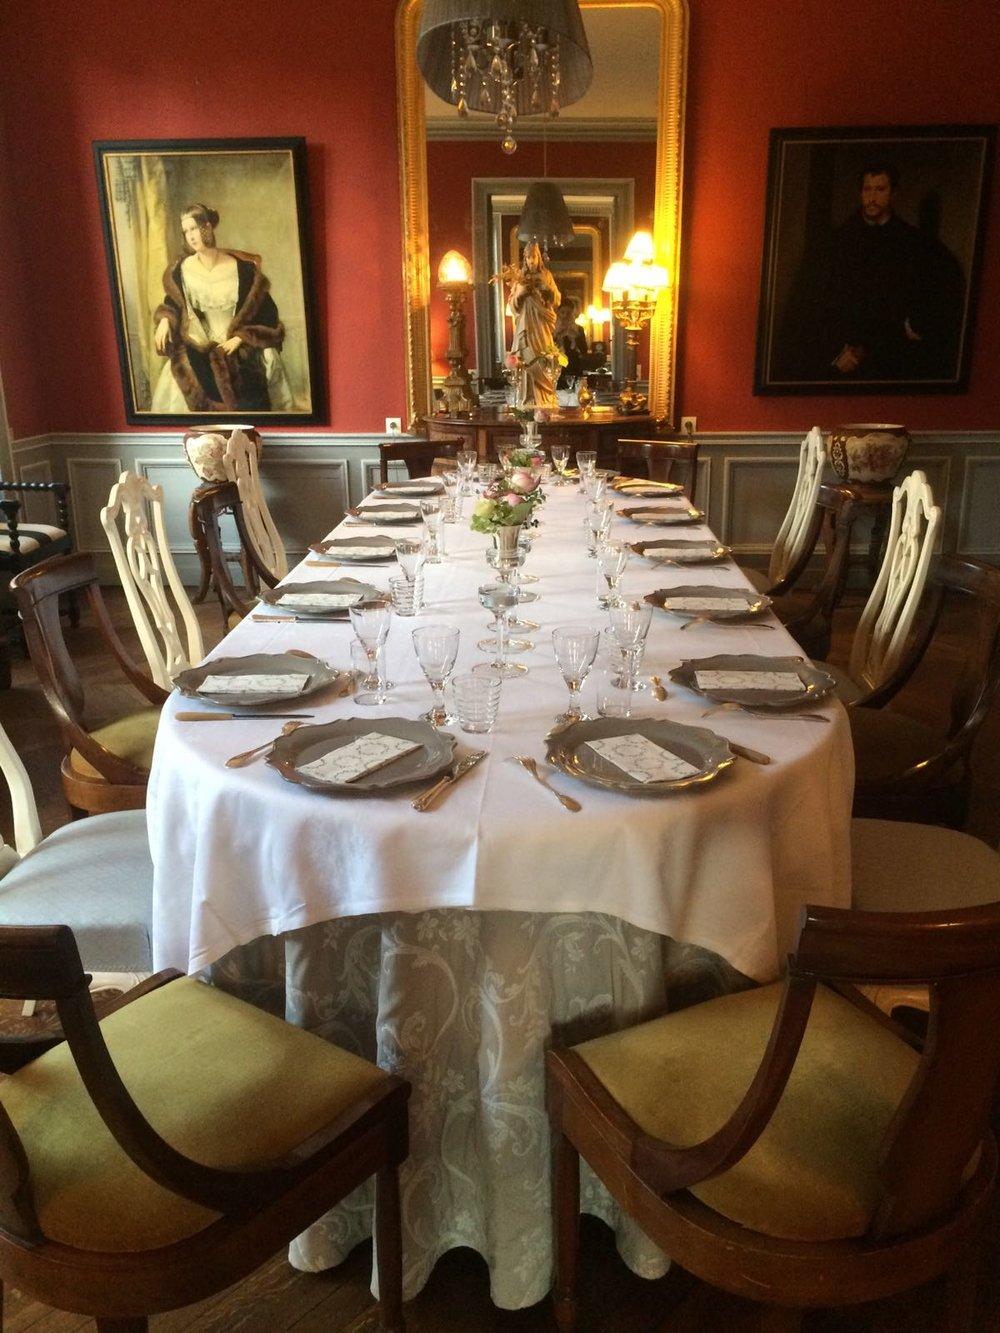 Chateau de la Pommeraye - salle - receptions - mariages - anniversaires - communions - baptemes - normandie - calvados - orne 2.jpg